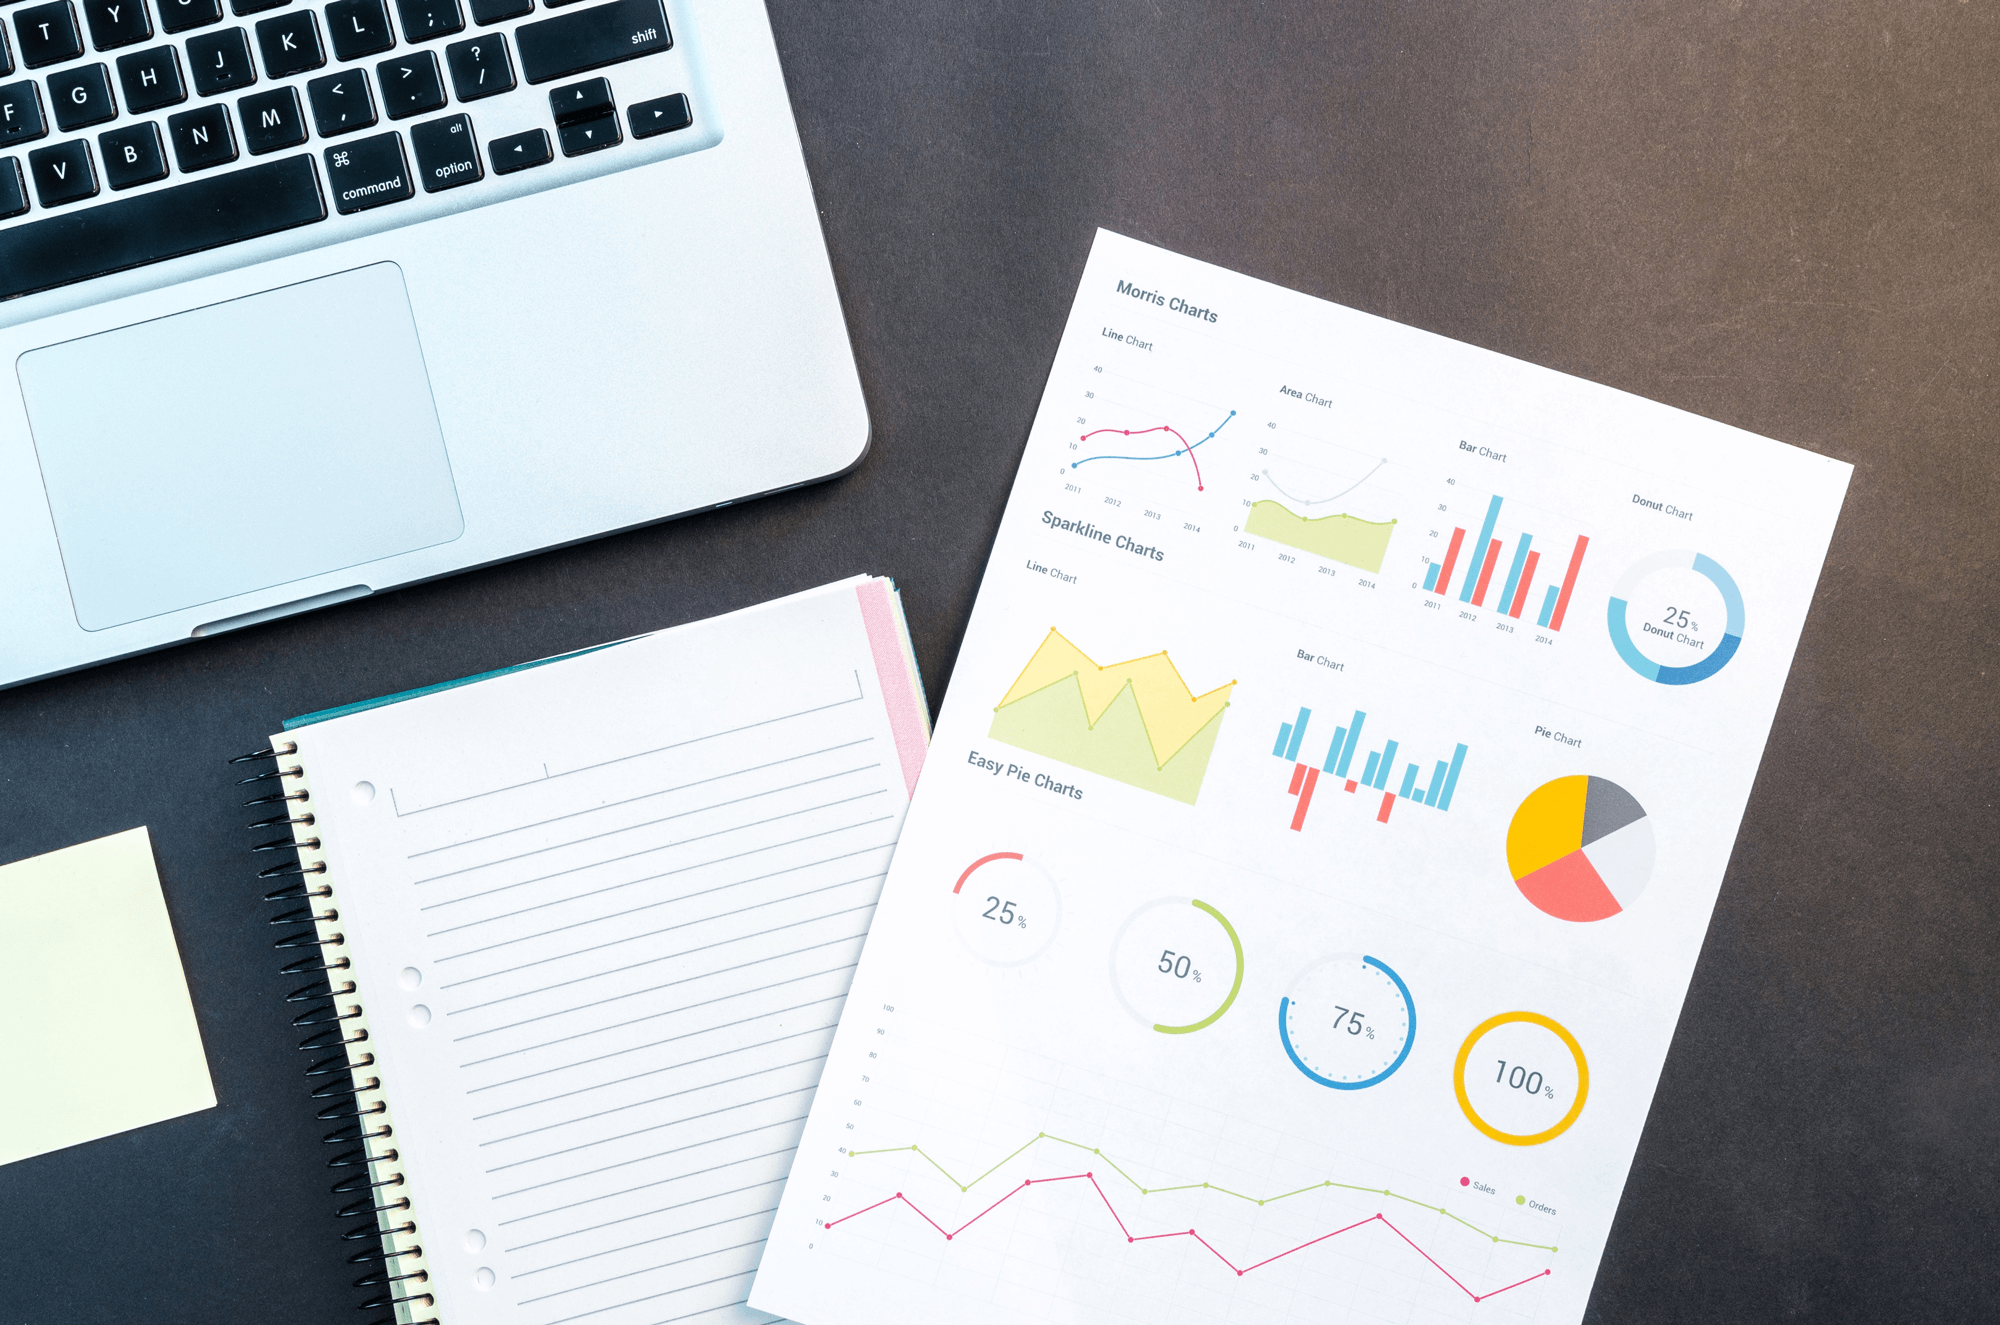 Verder gaan met KAIZEN en procesgedreven Business Analytics